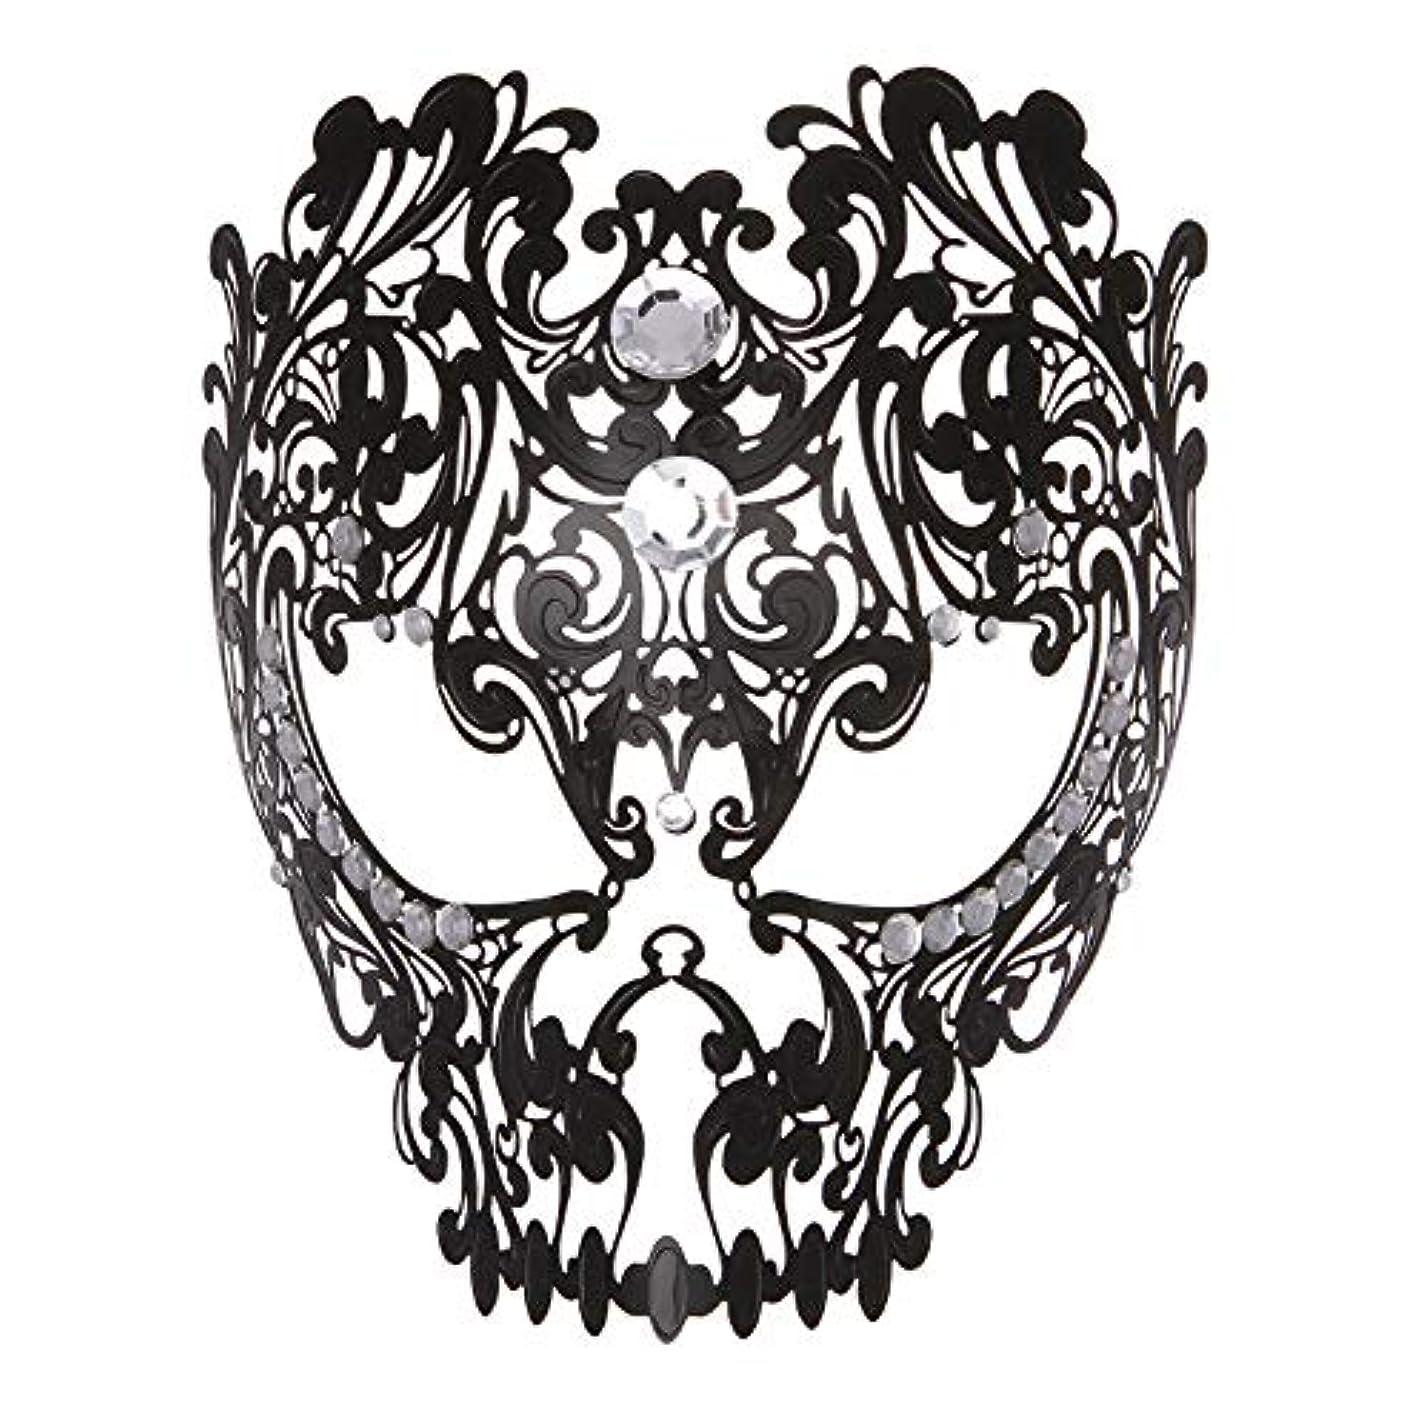 居心地の良い警察署蒸留ダンスマスク フルフェイスエナメル金属象眼細工中空マスクナイトクラブパーティーロールプレイングマスカレードマスク パーティーマスク (色 : ブラック, サイズ : Universal)